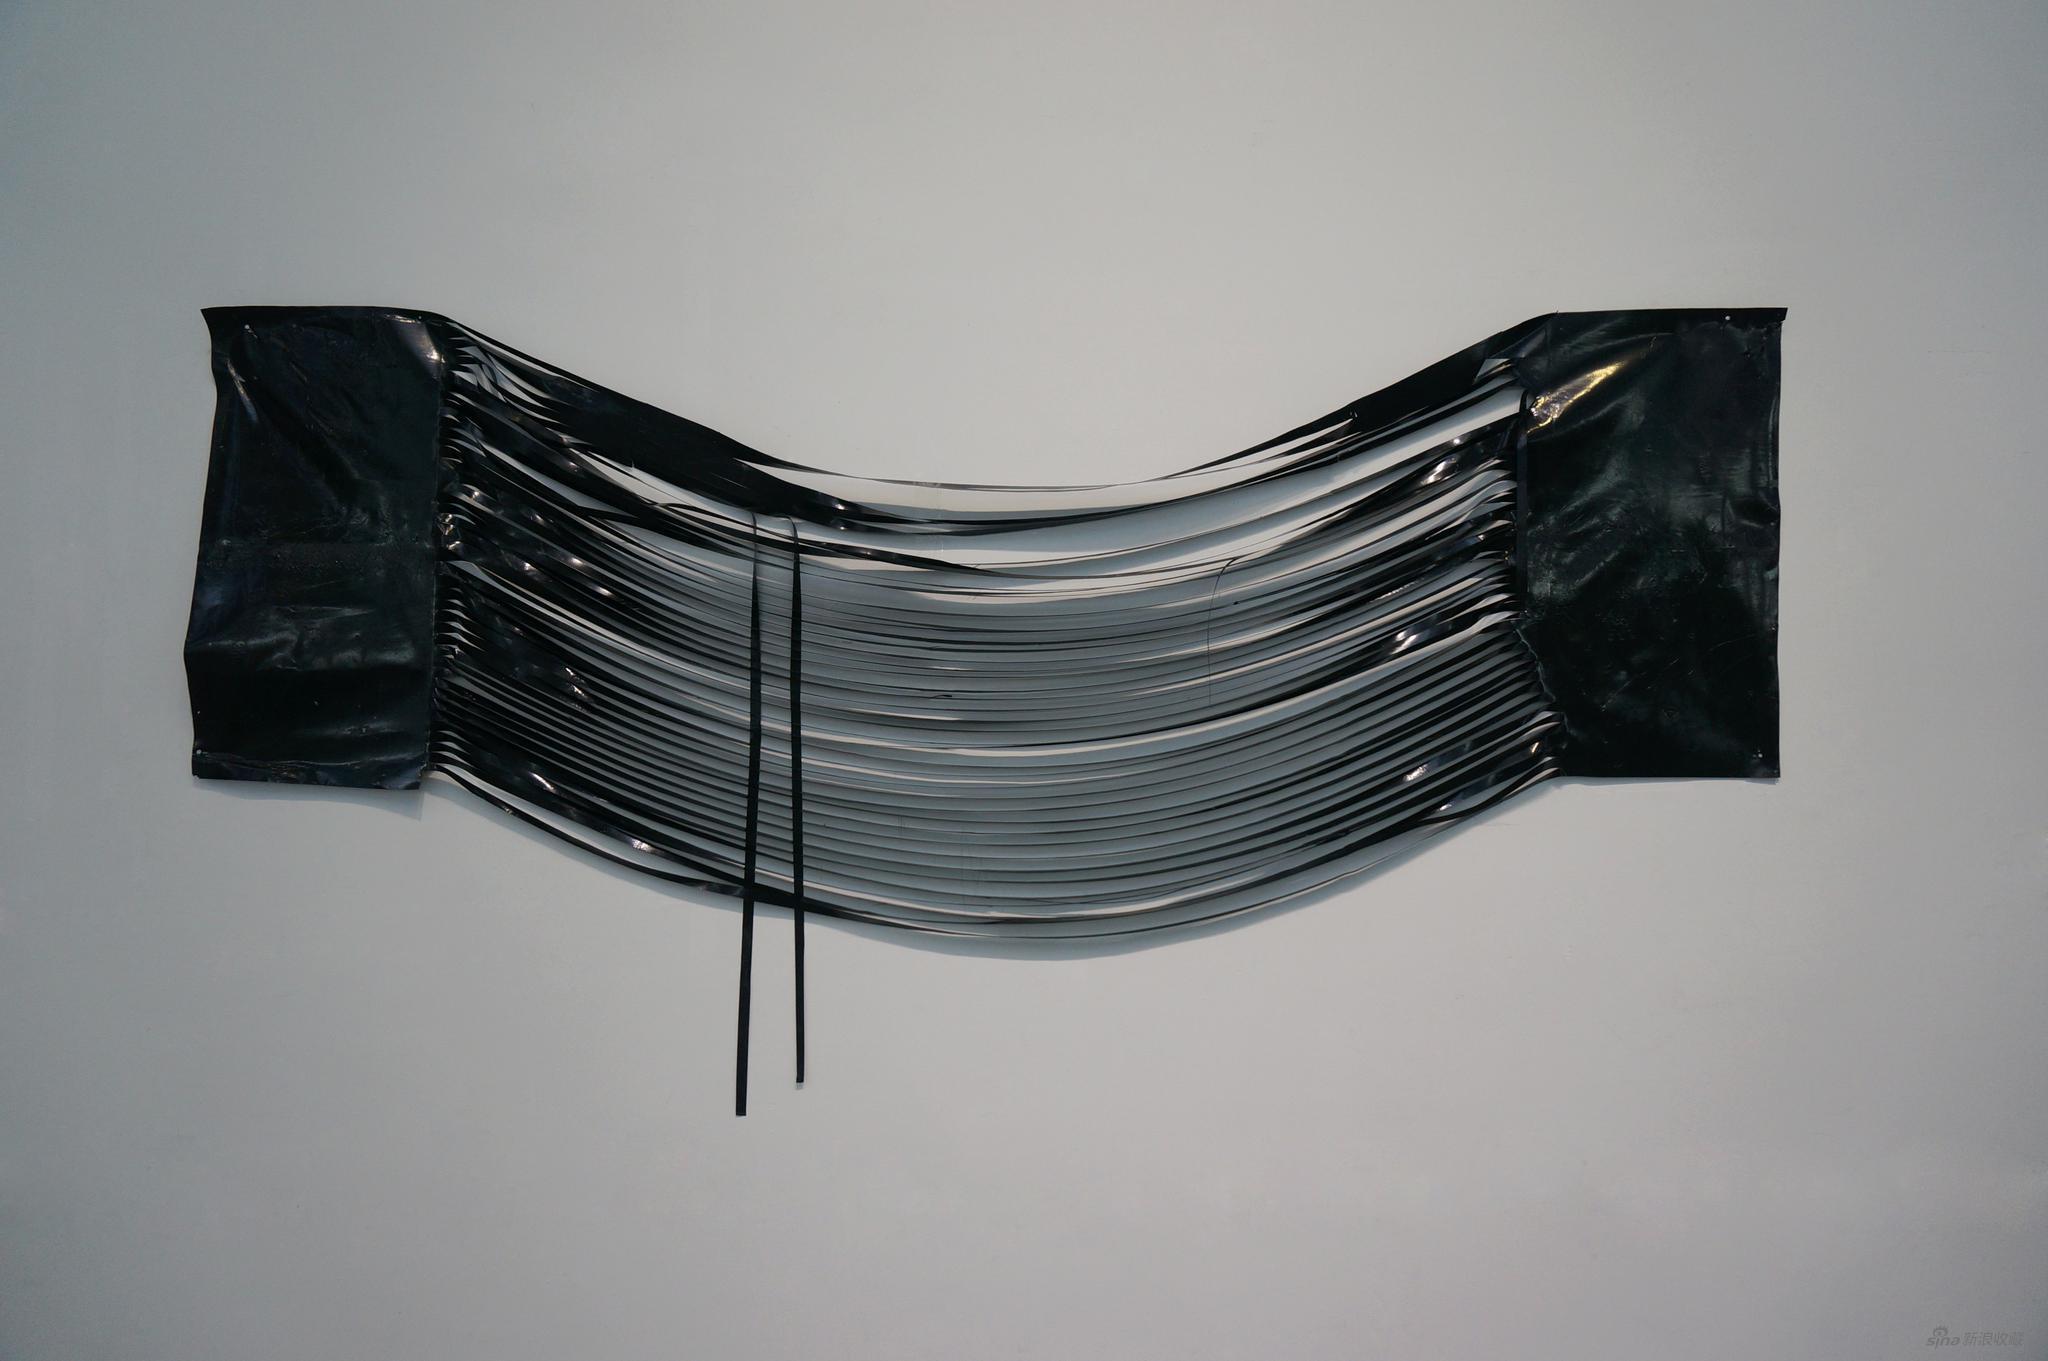 《垂直的协调》 陈锦潮 墨、综合材料、铁钉 300×80cm 2015